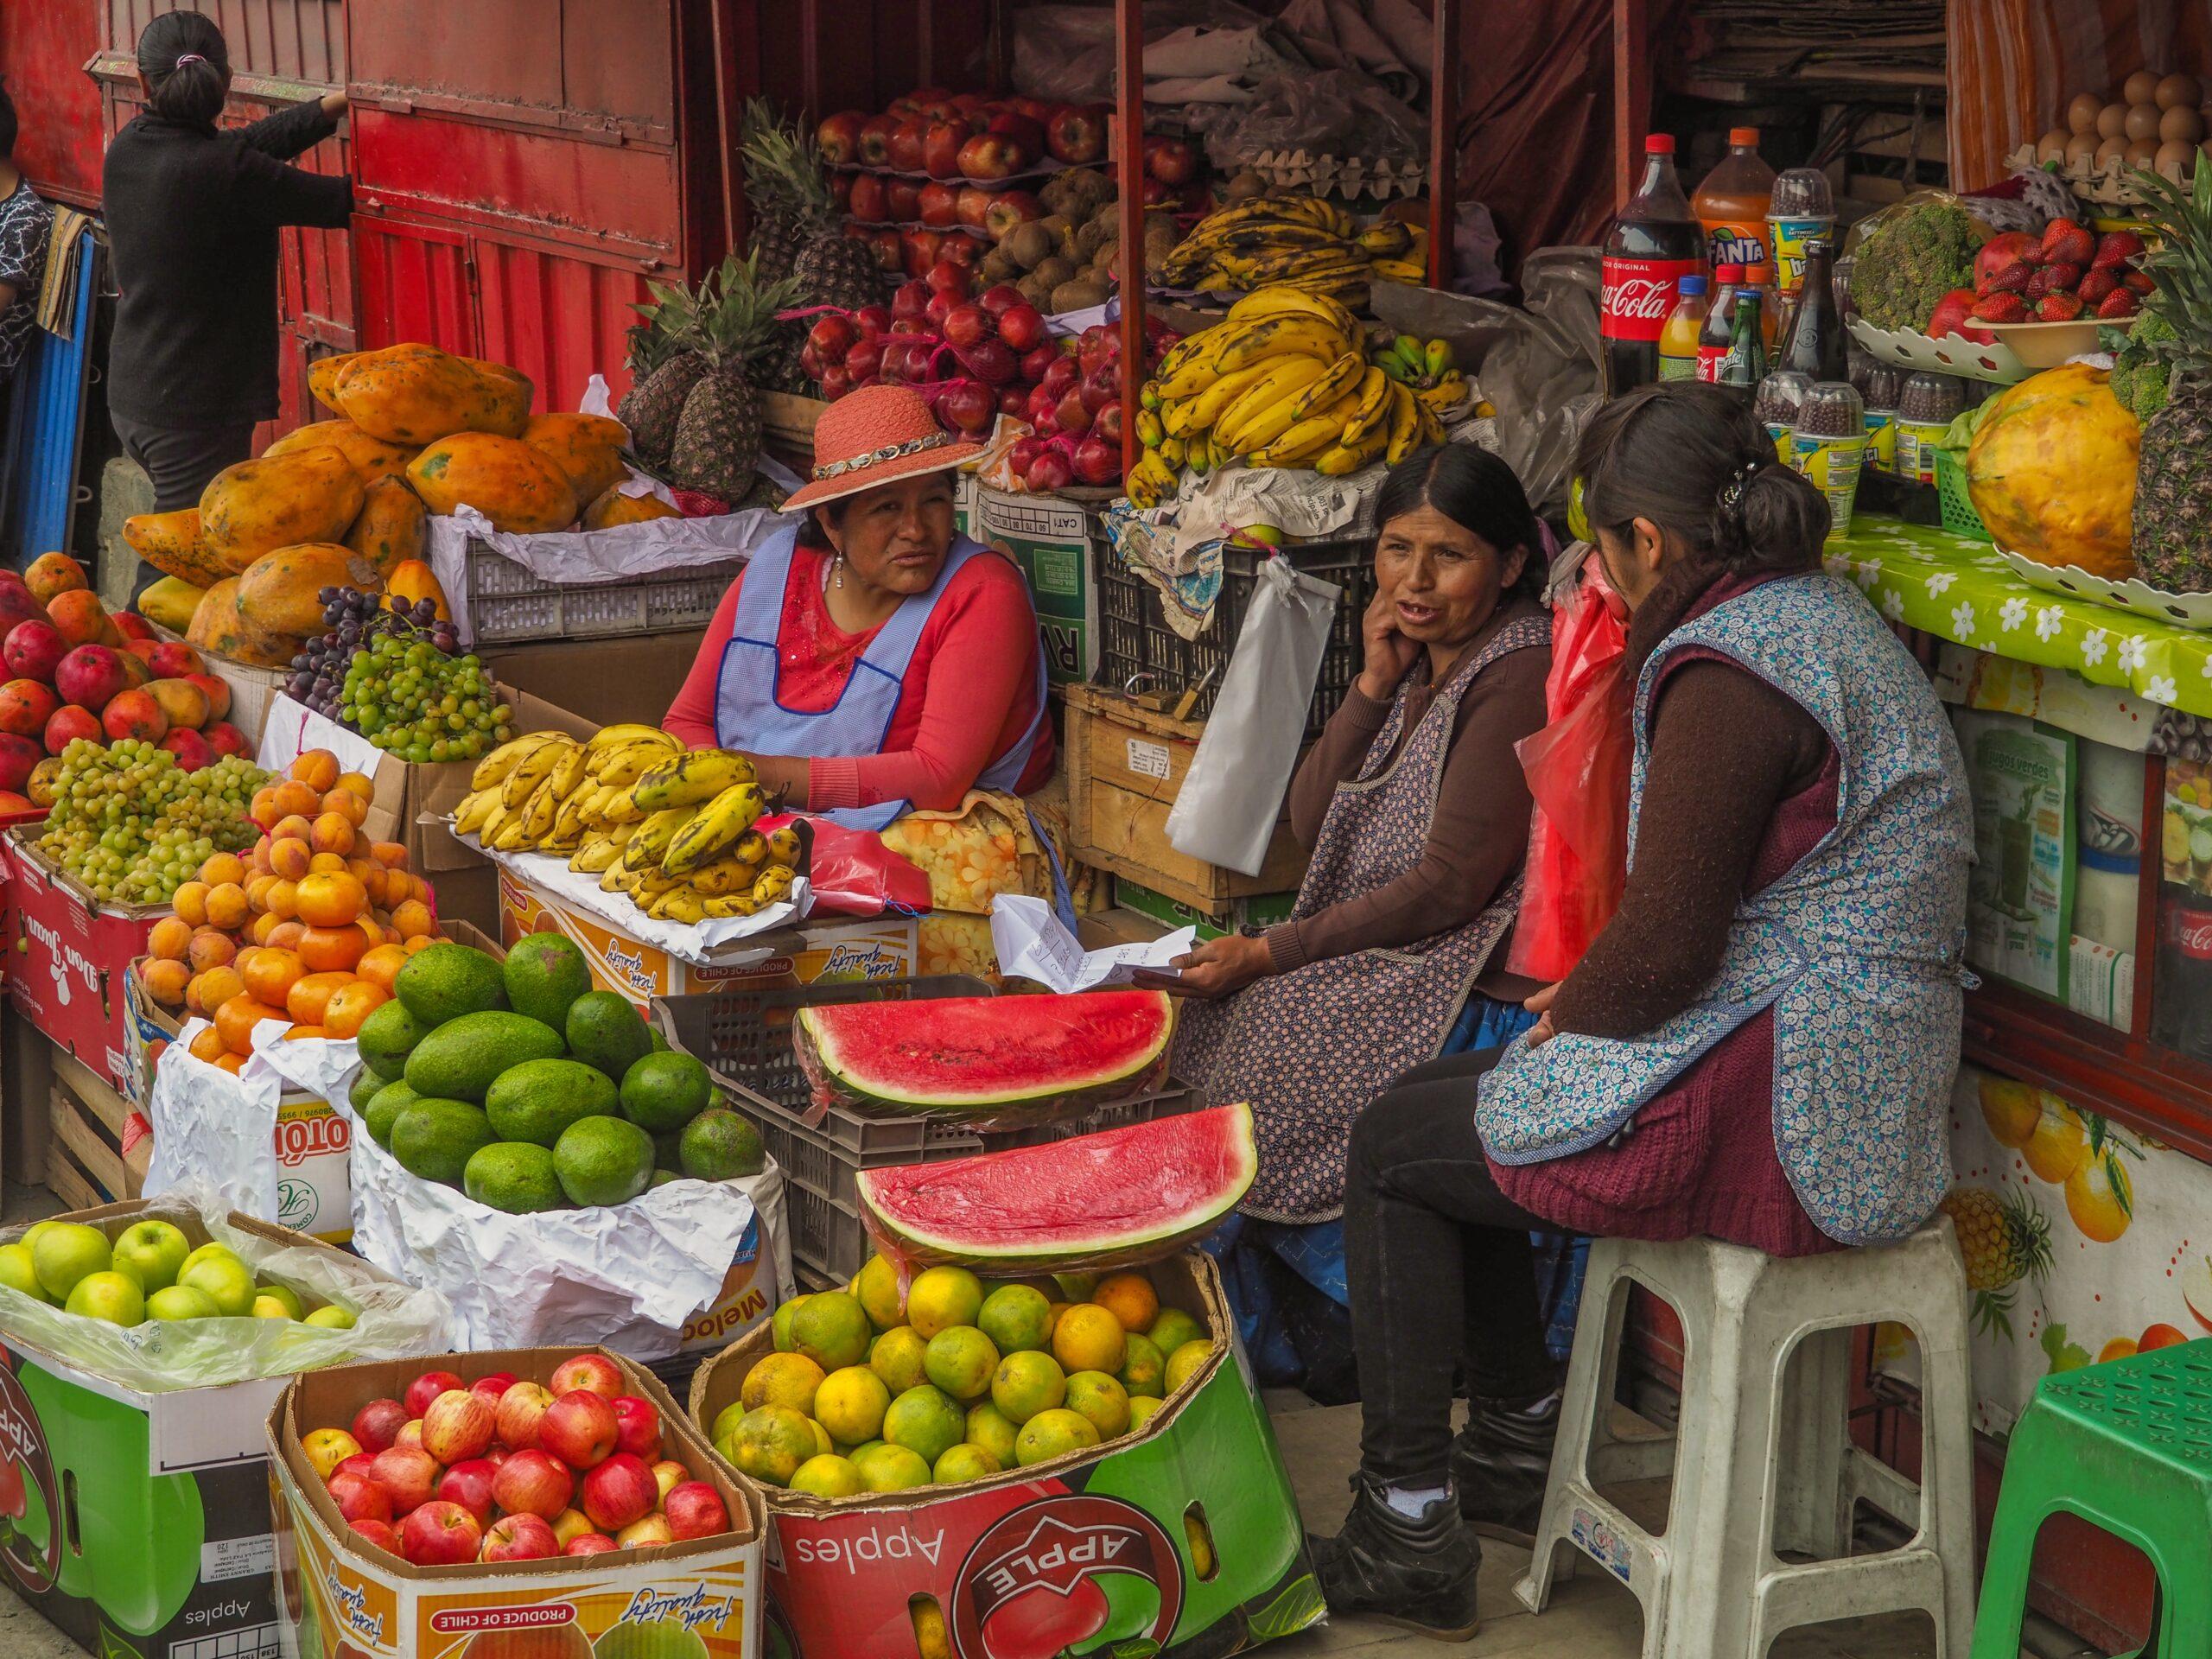 Imagen de la noticia Fortalecimiento del ejercicio del derecho a la soberanía alimentaria y derechos de los pueblos indígenas originarios de Bolivia